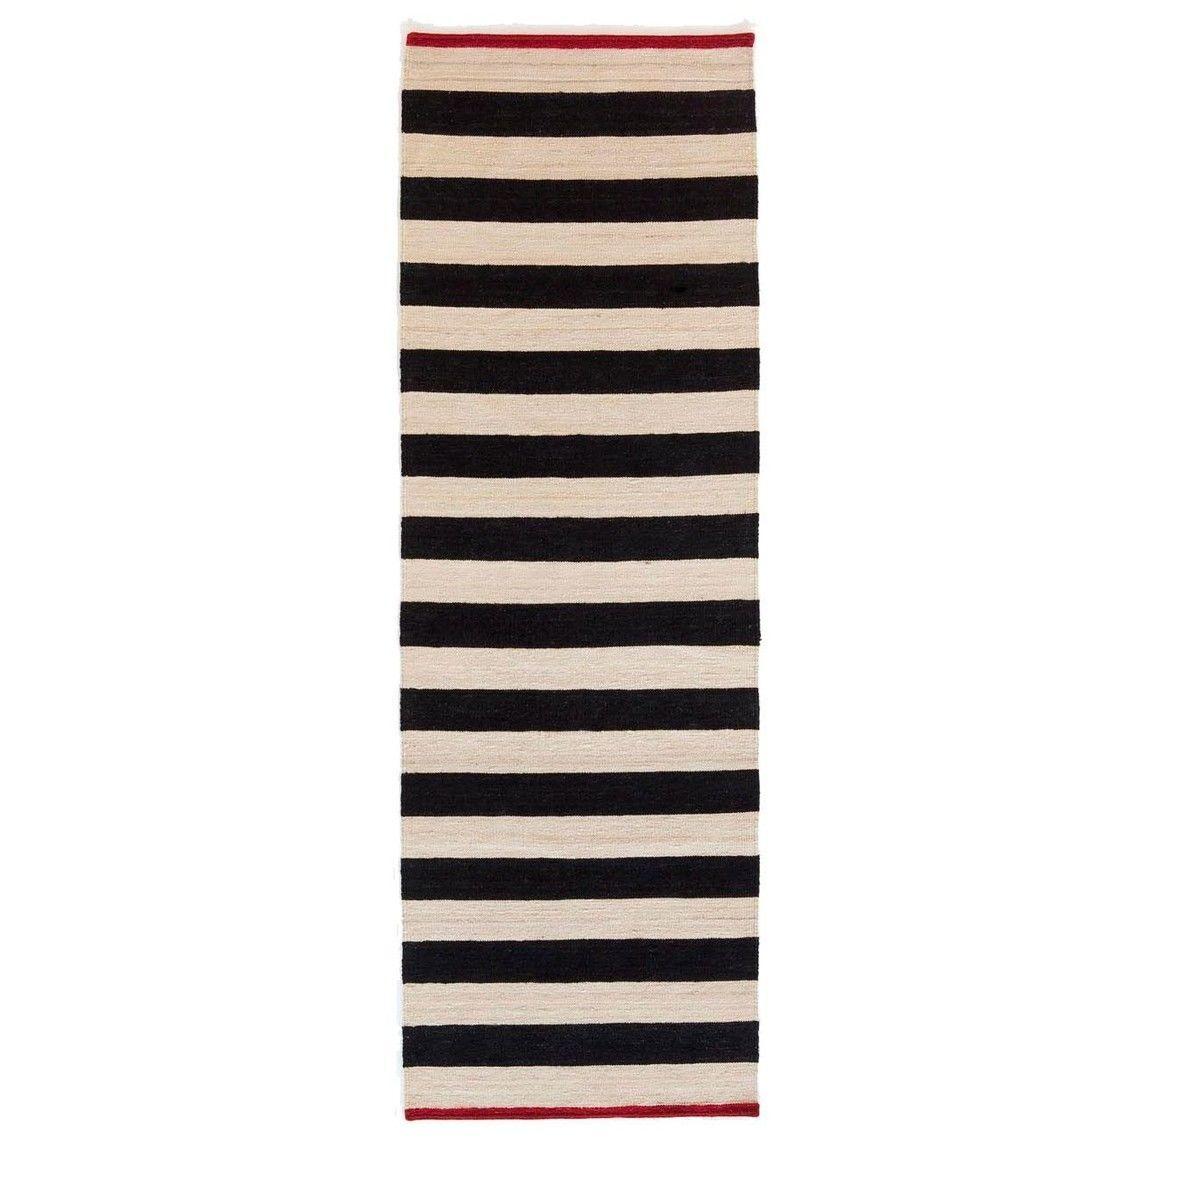 Teppich läufer schwarz weiß  Mélange Stripes 2 Kilim Wollteppich / Läufer | Nanimarquina ...